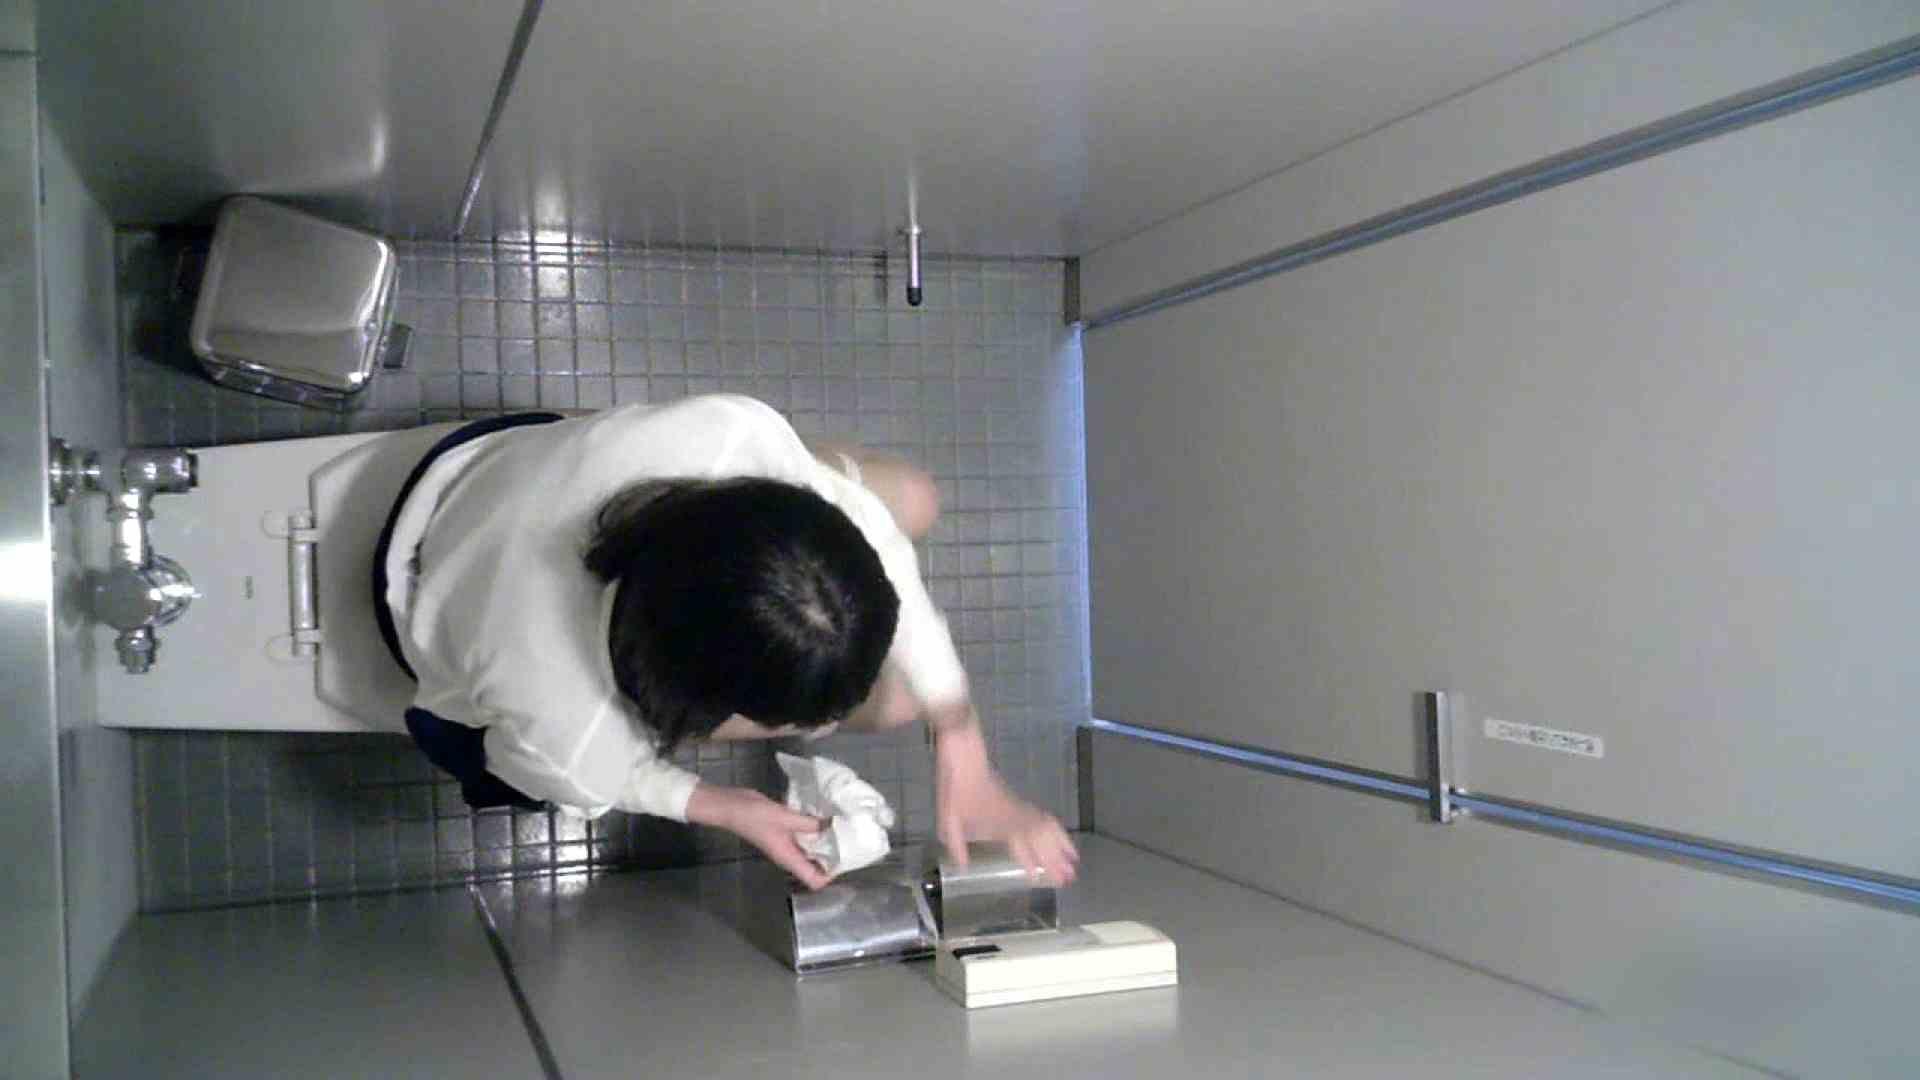 有名大学女性洗面所 vol.36 すっごい「ほじって」ます。 OLのエロ生活 | 洗面所  58連発 11